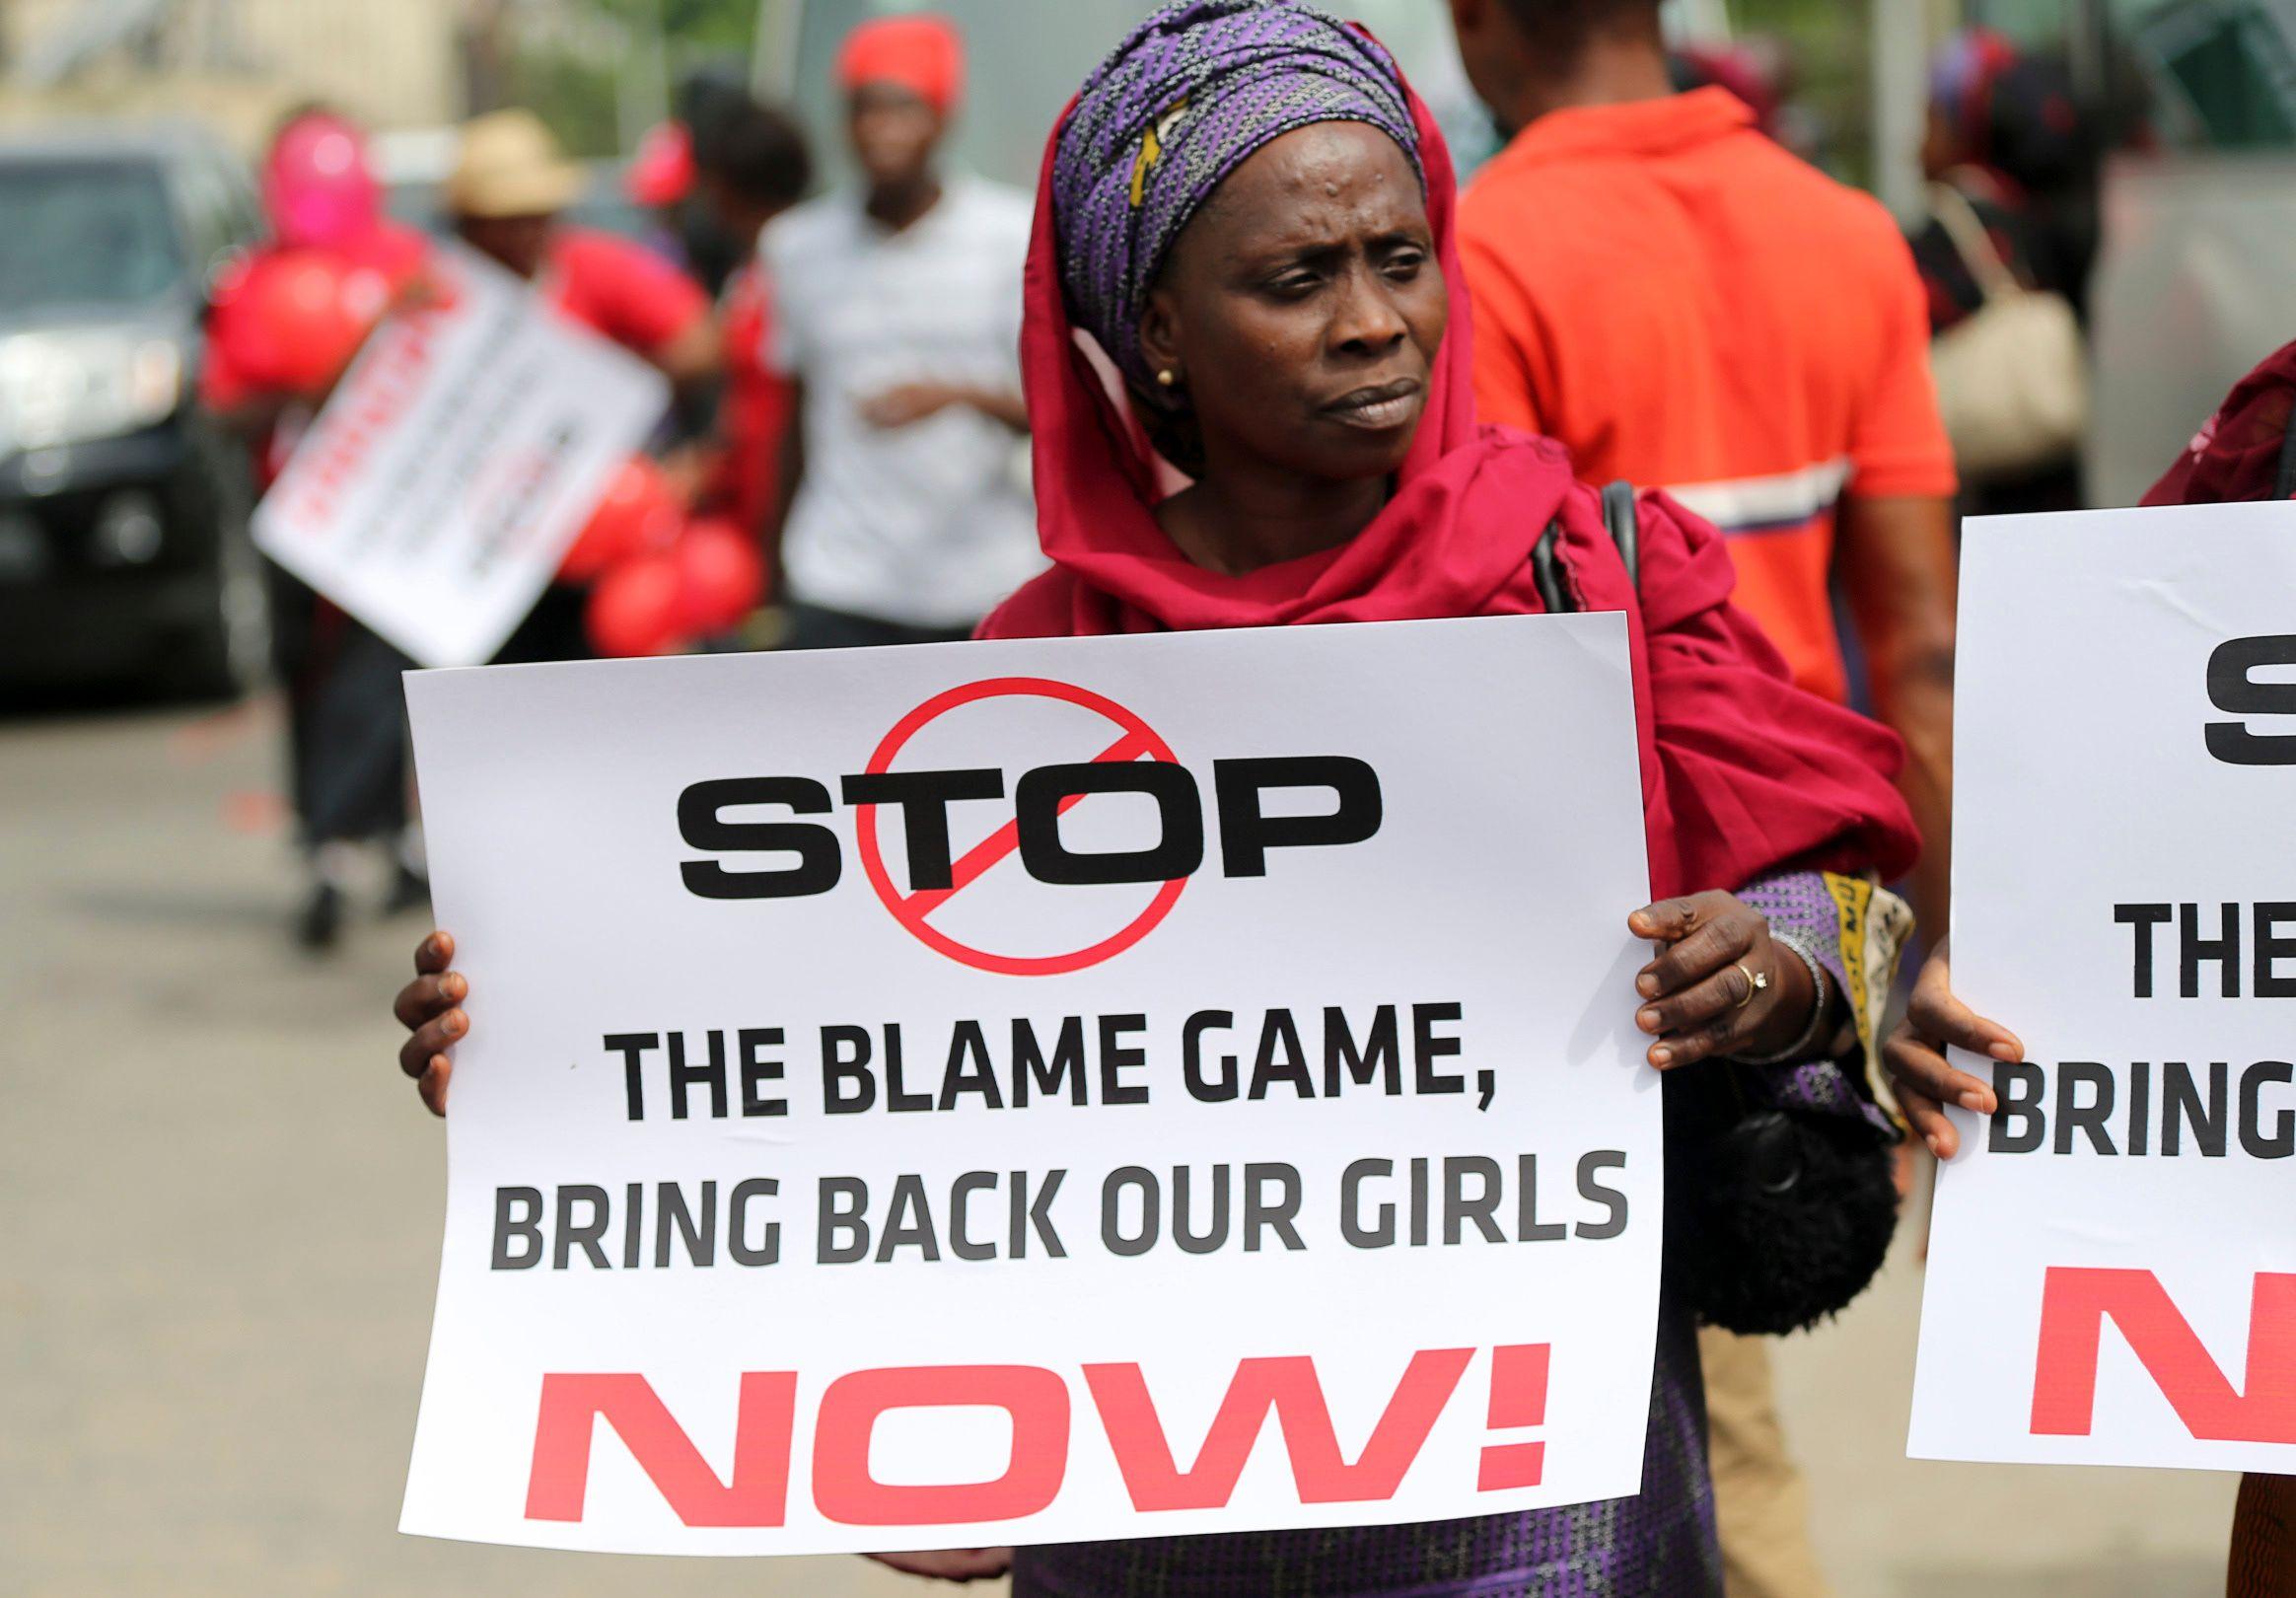 Enlèvement de jeunes filles au Nigéria : où sont les voix des musulmans qui condamnent ?